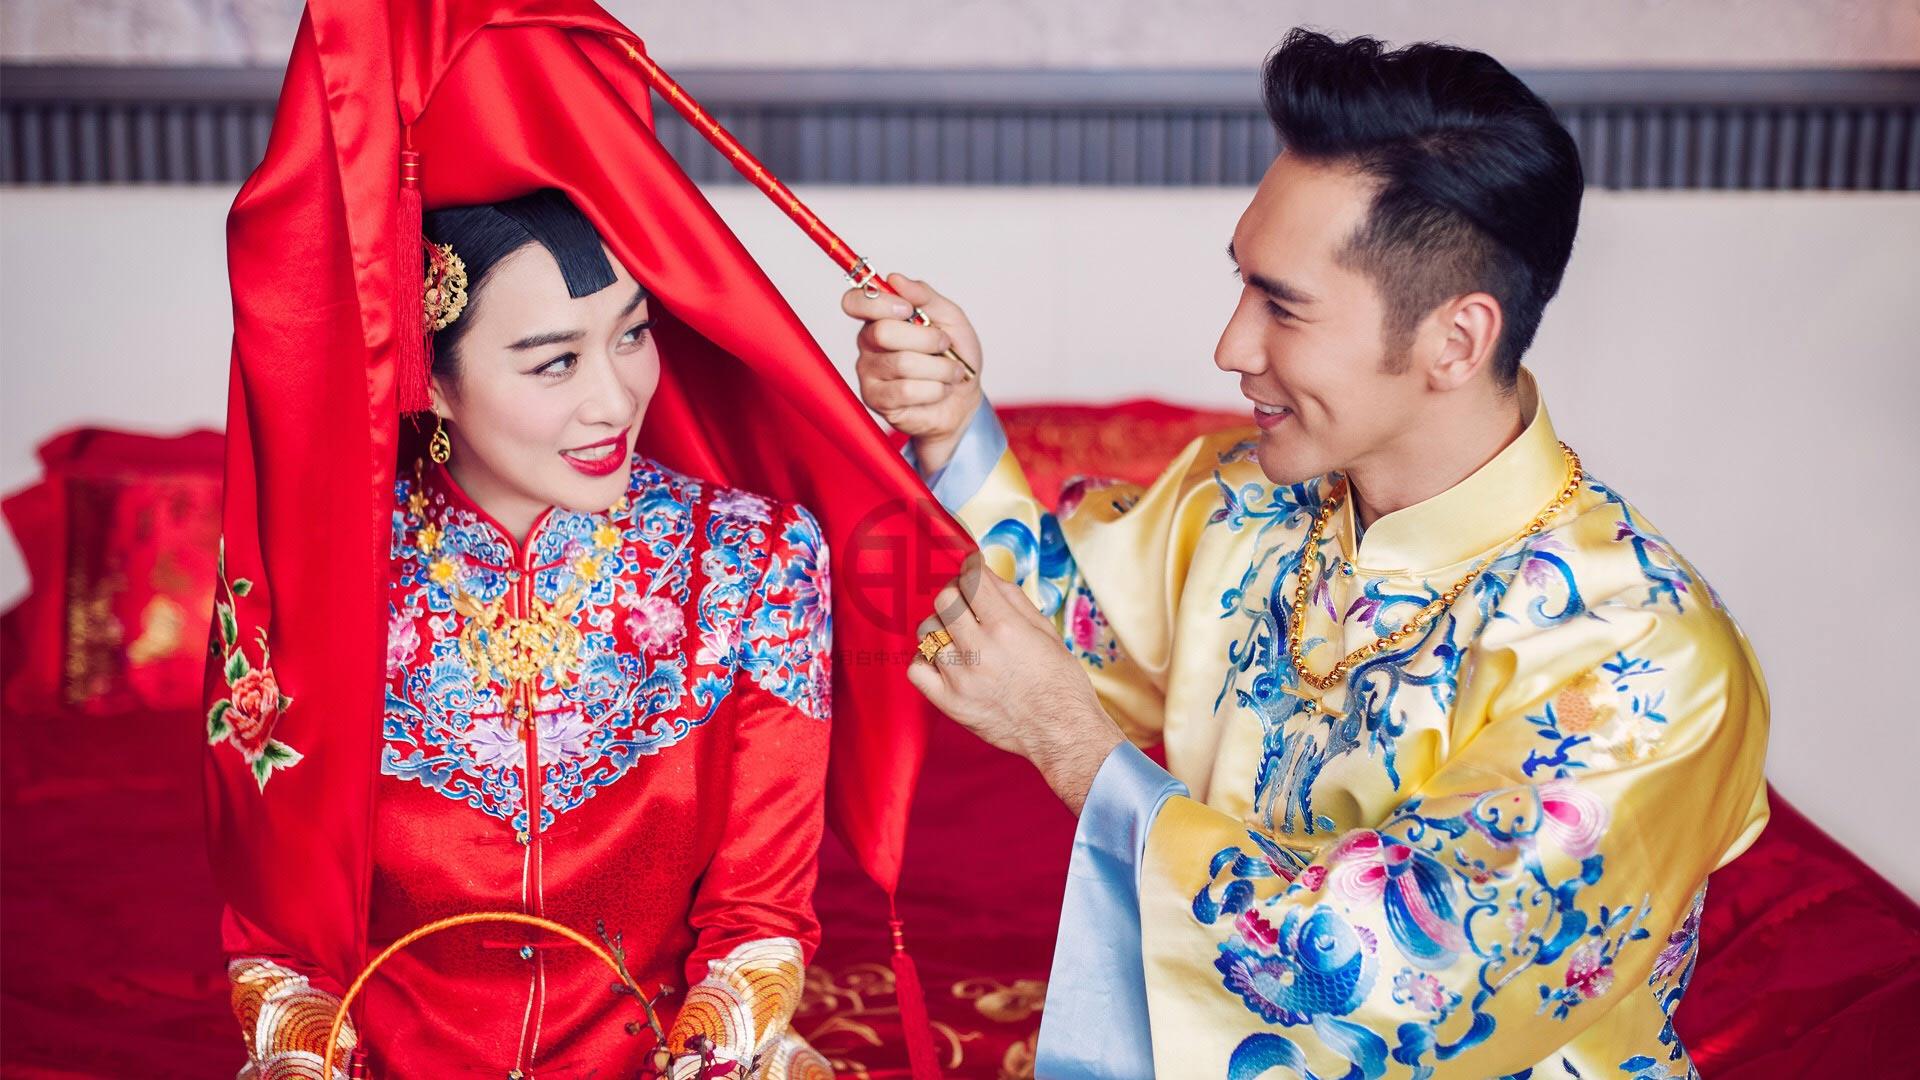 月白为钟丽缇婚礼打造中式嫁衣